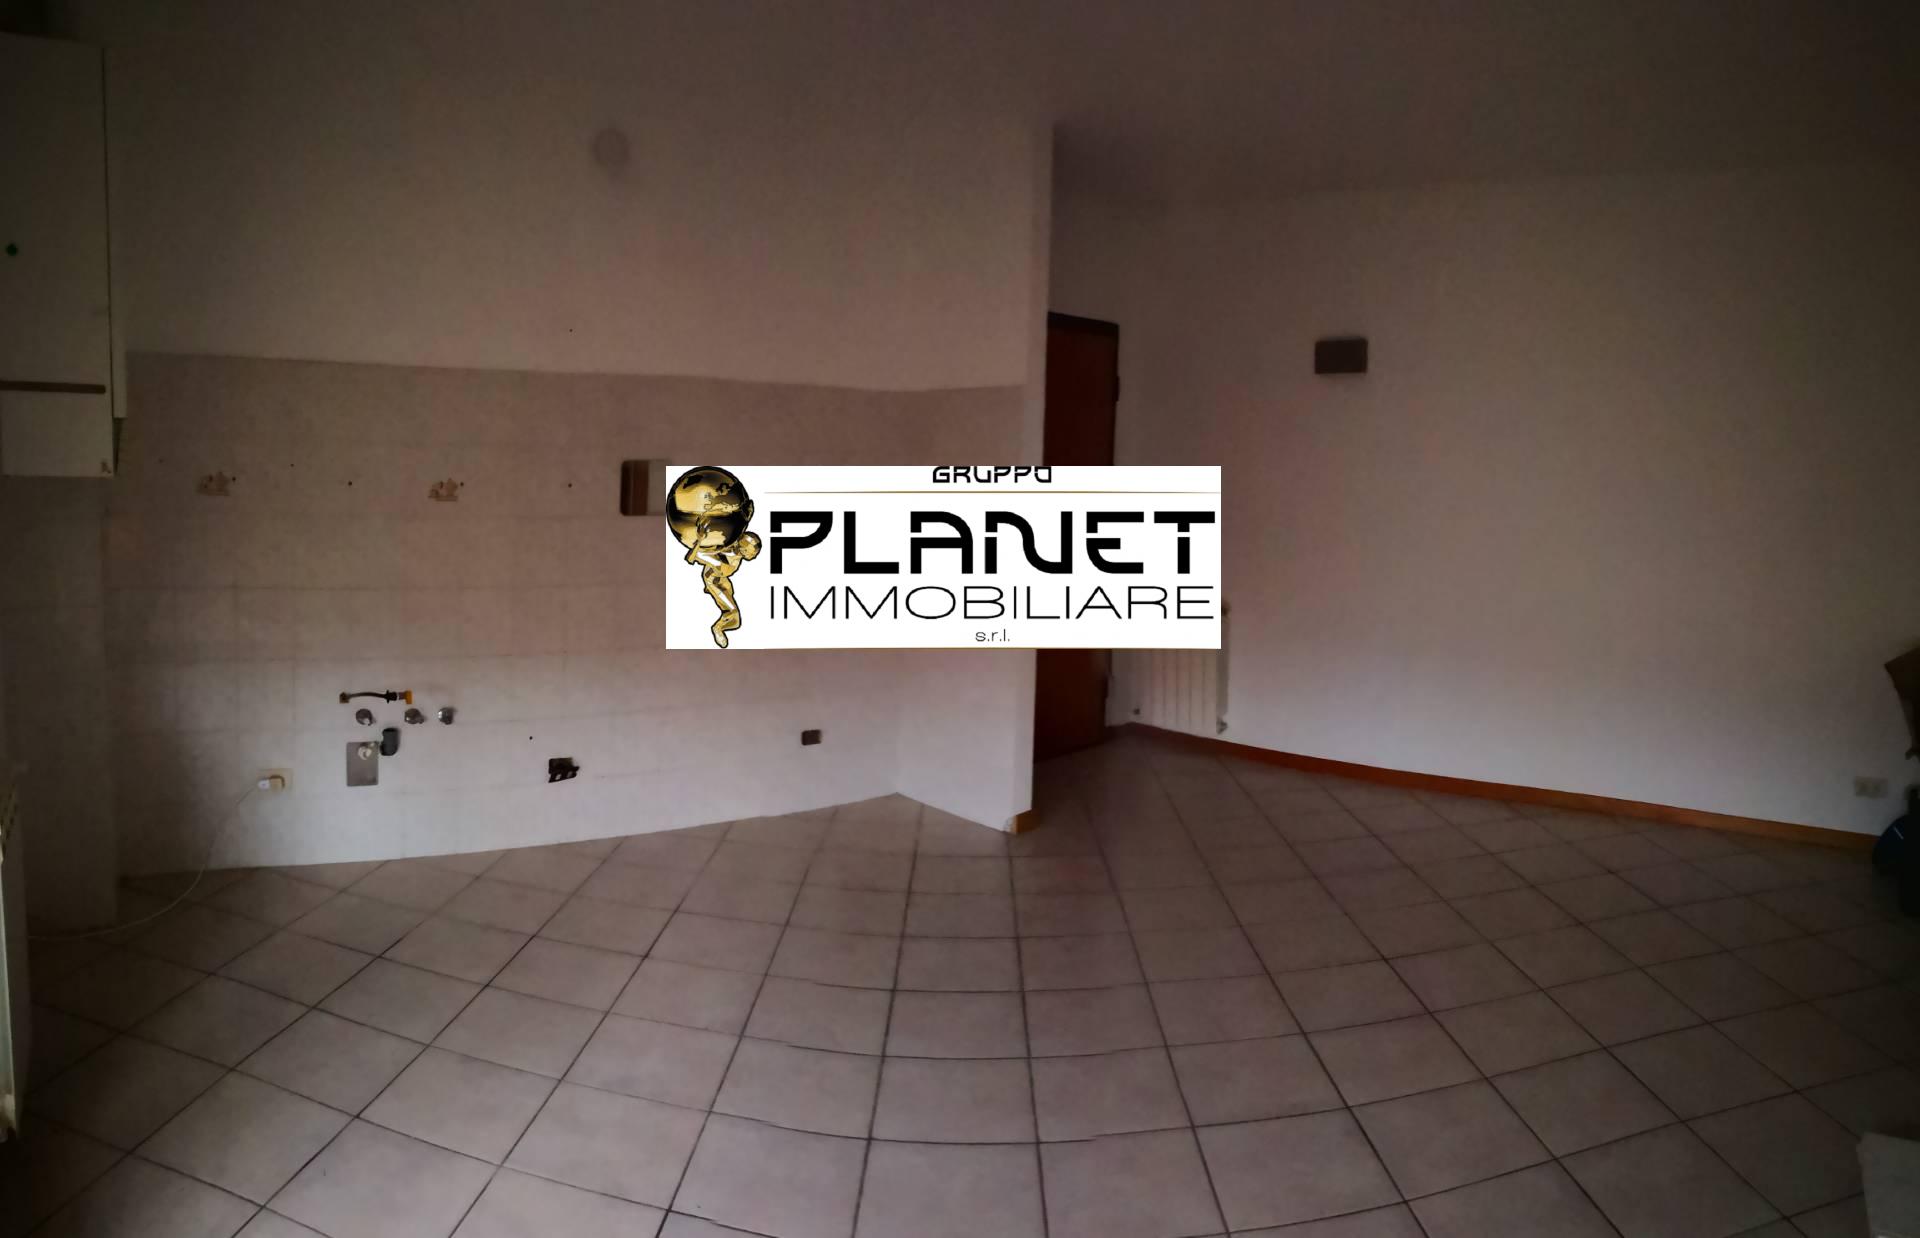 arezzo affitto quart: la marchionna gruppo-planet-immobiliare-s.r.l.